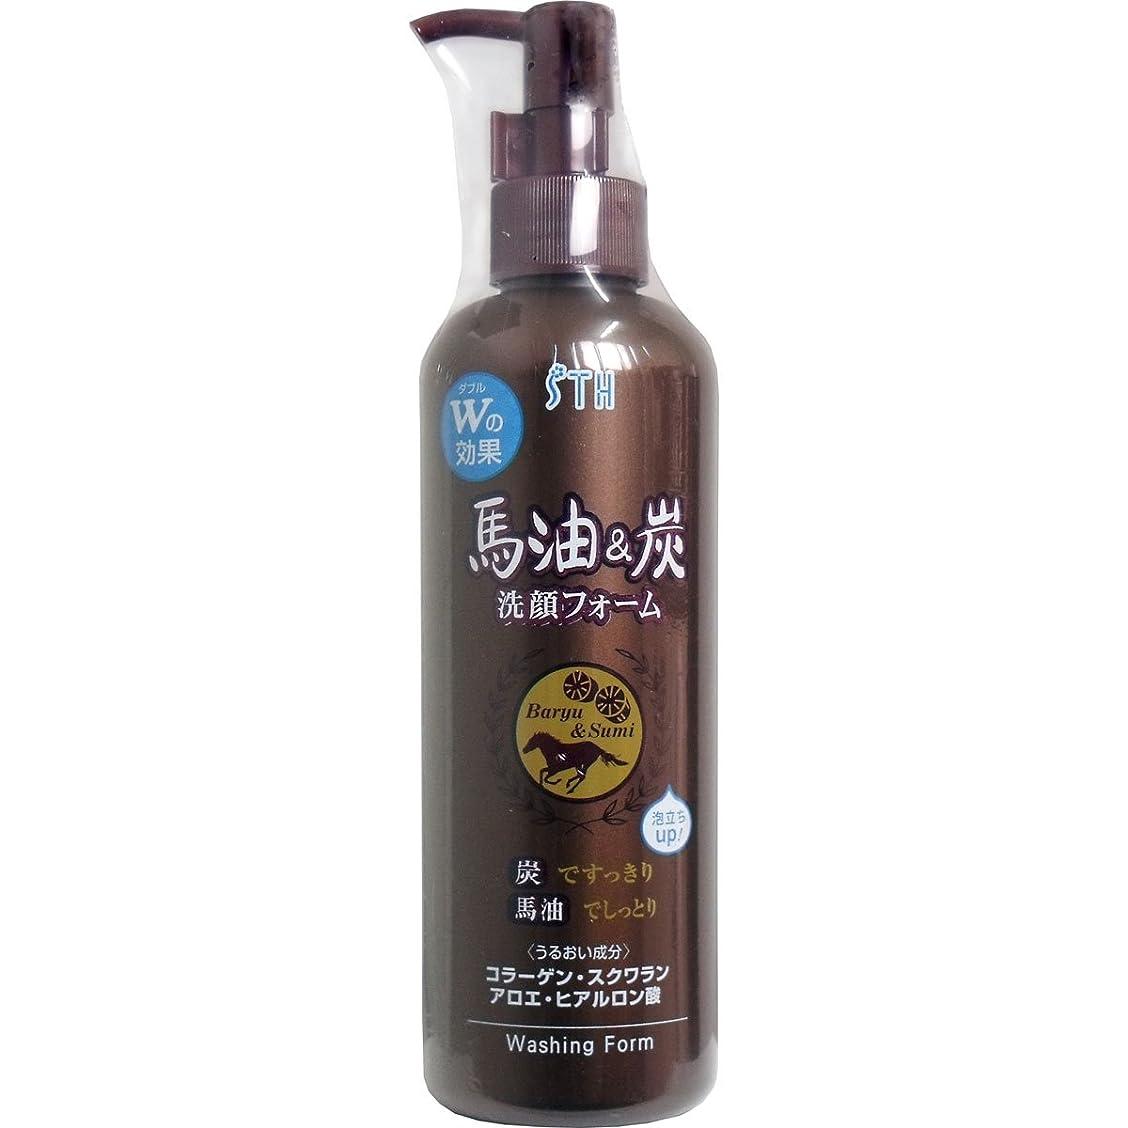 馬油&炭 洗顔フォーム 250ml 2個セット